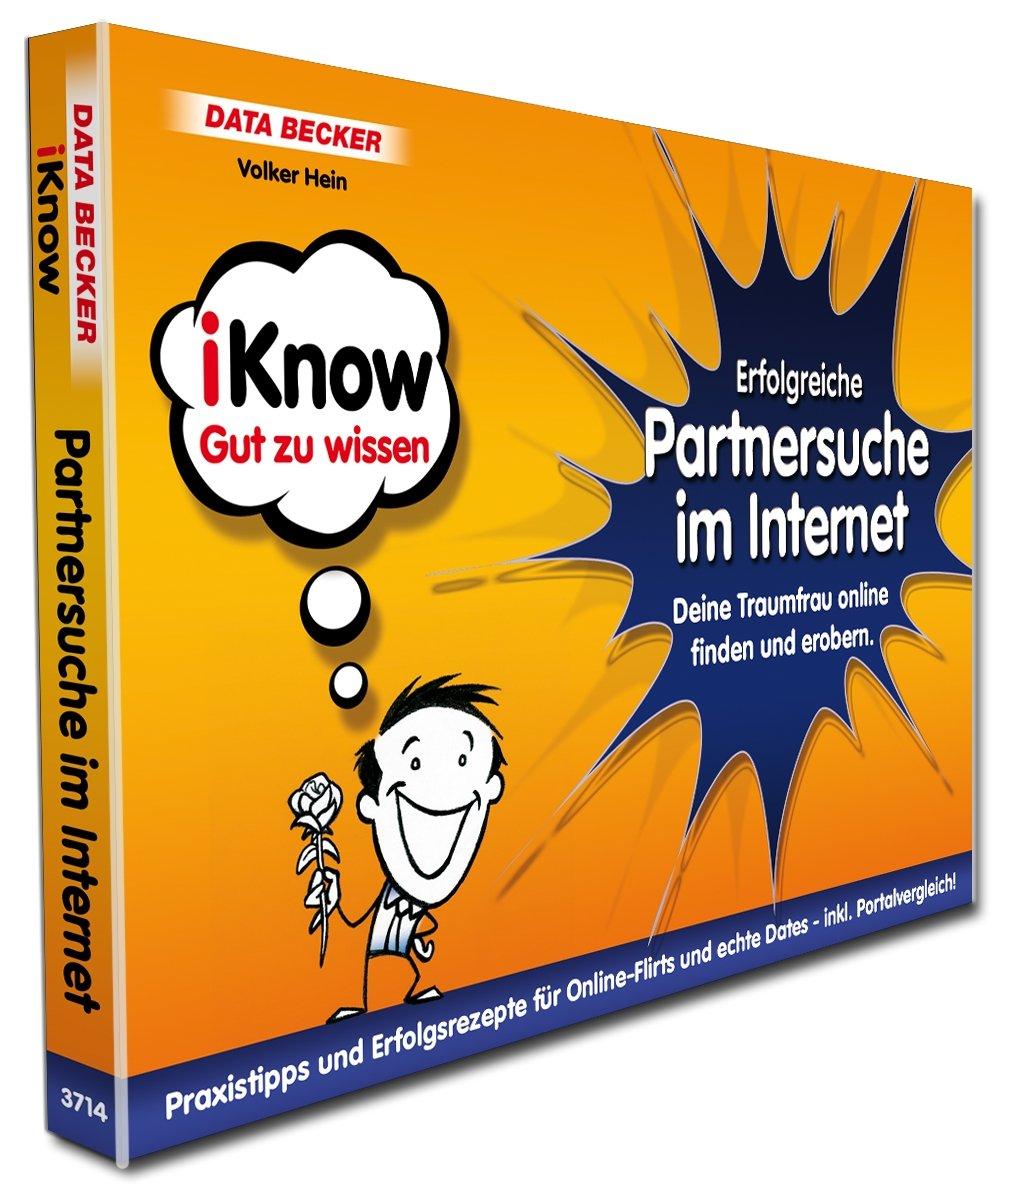 iknow-erfolgreiche-partnersuche-im-internet